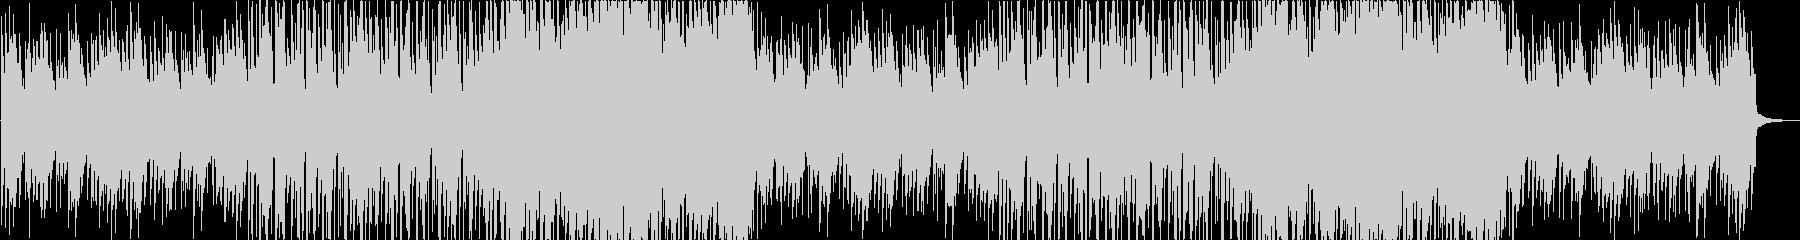 センチメンタルな秋のイメージがあるアコギの未再生の波形